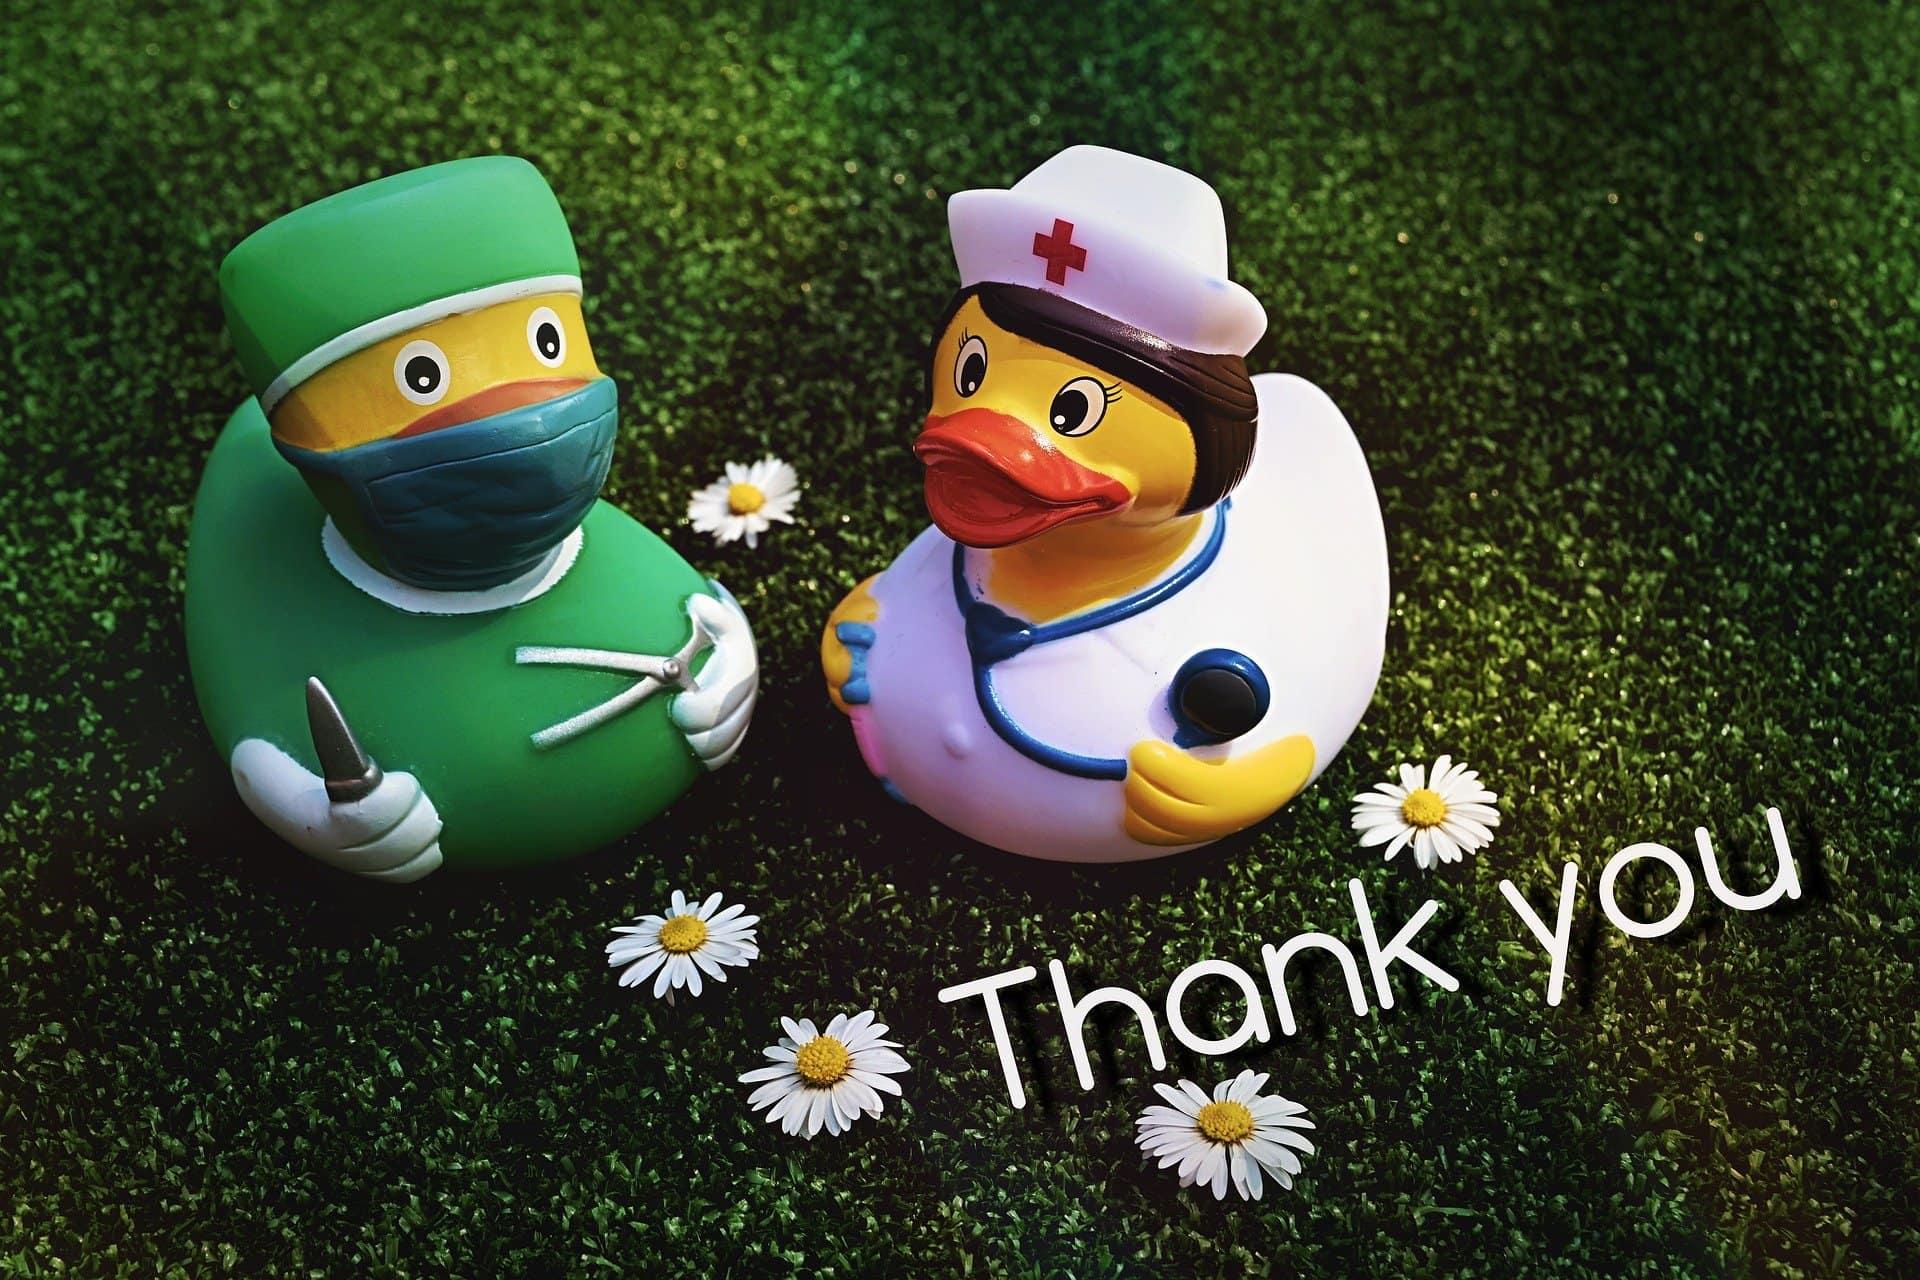 Pflegekraft? Jetzt noch Bonus beantragen Schon mehr als 110.000 Pflegekräfte haben Corona-Pflegebonus bekommen